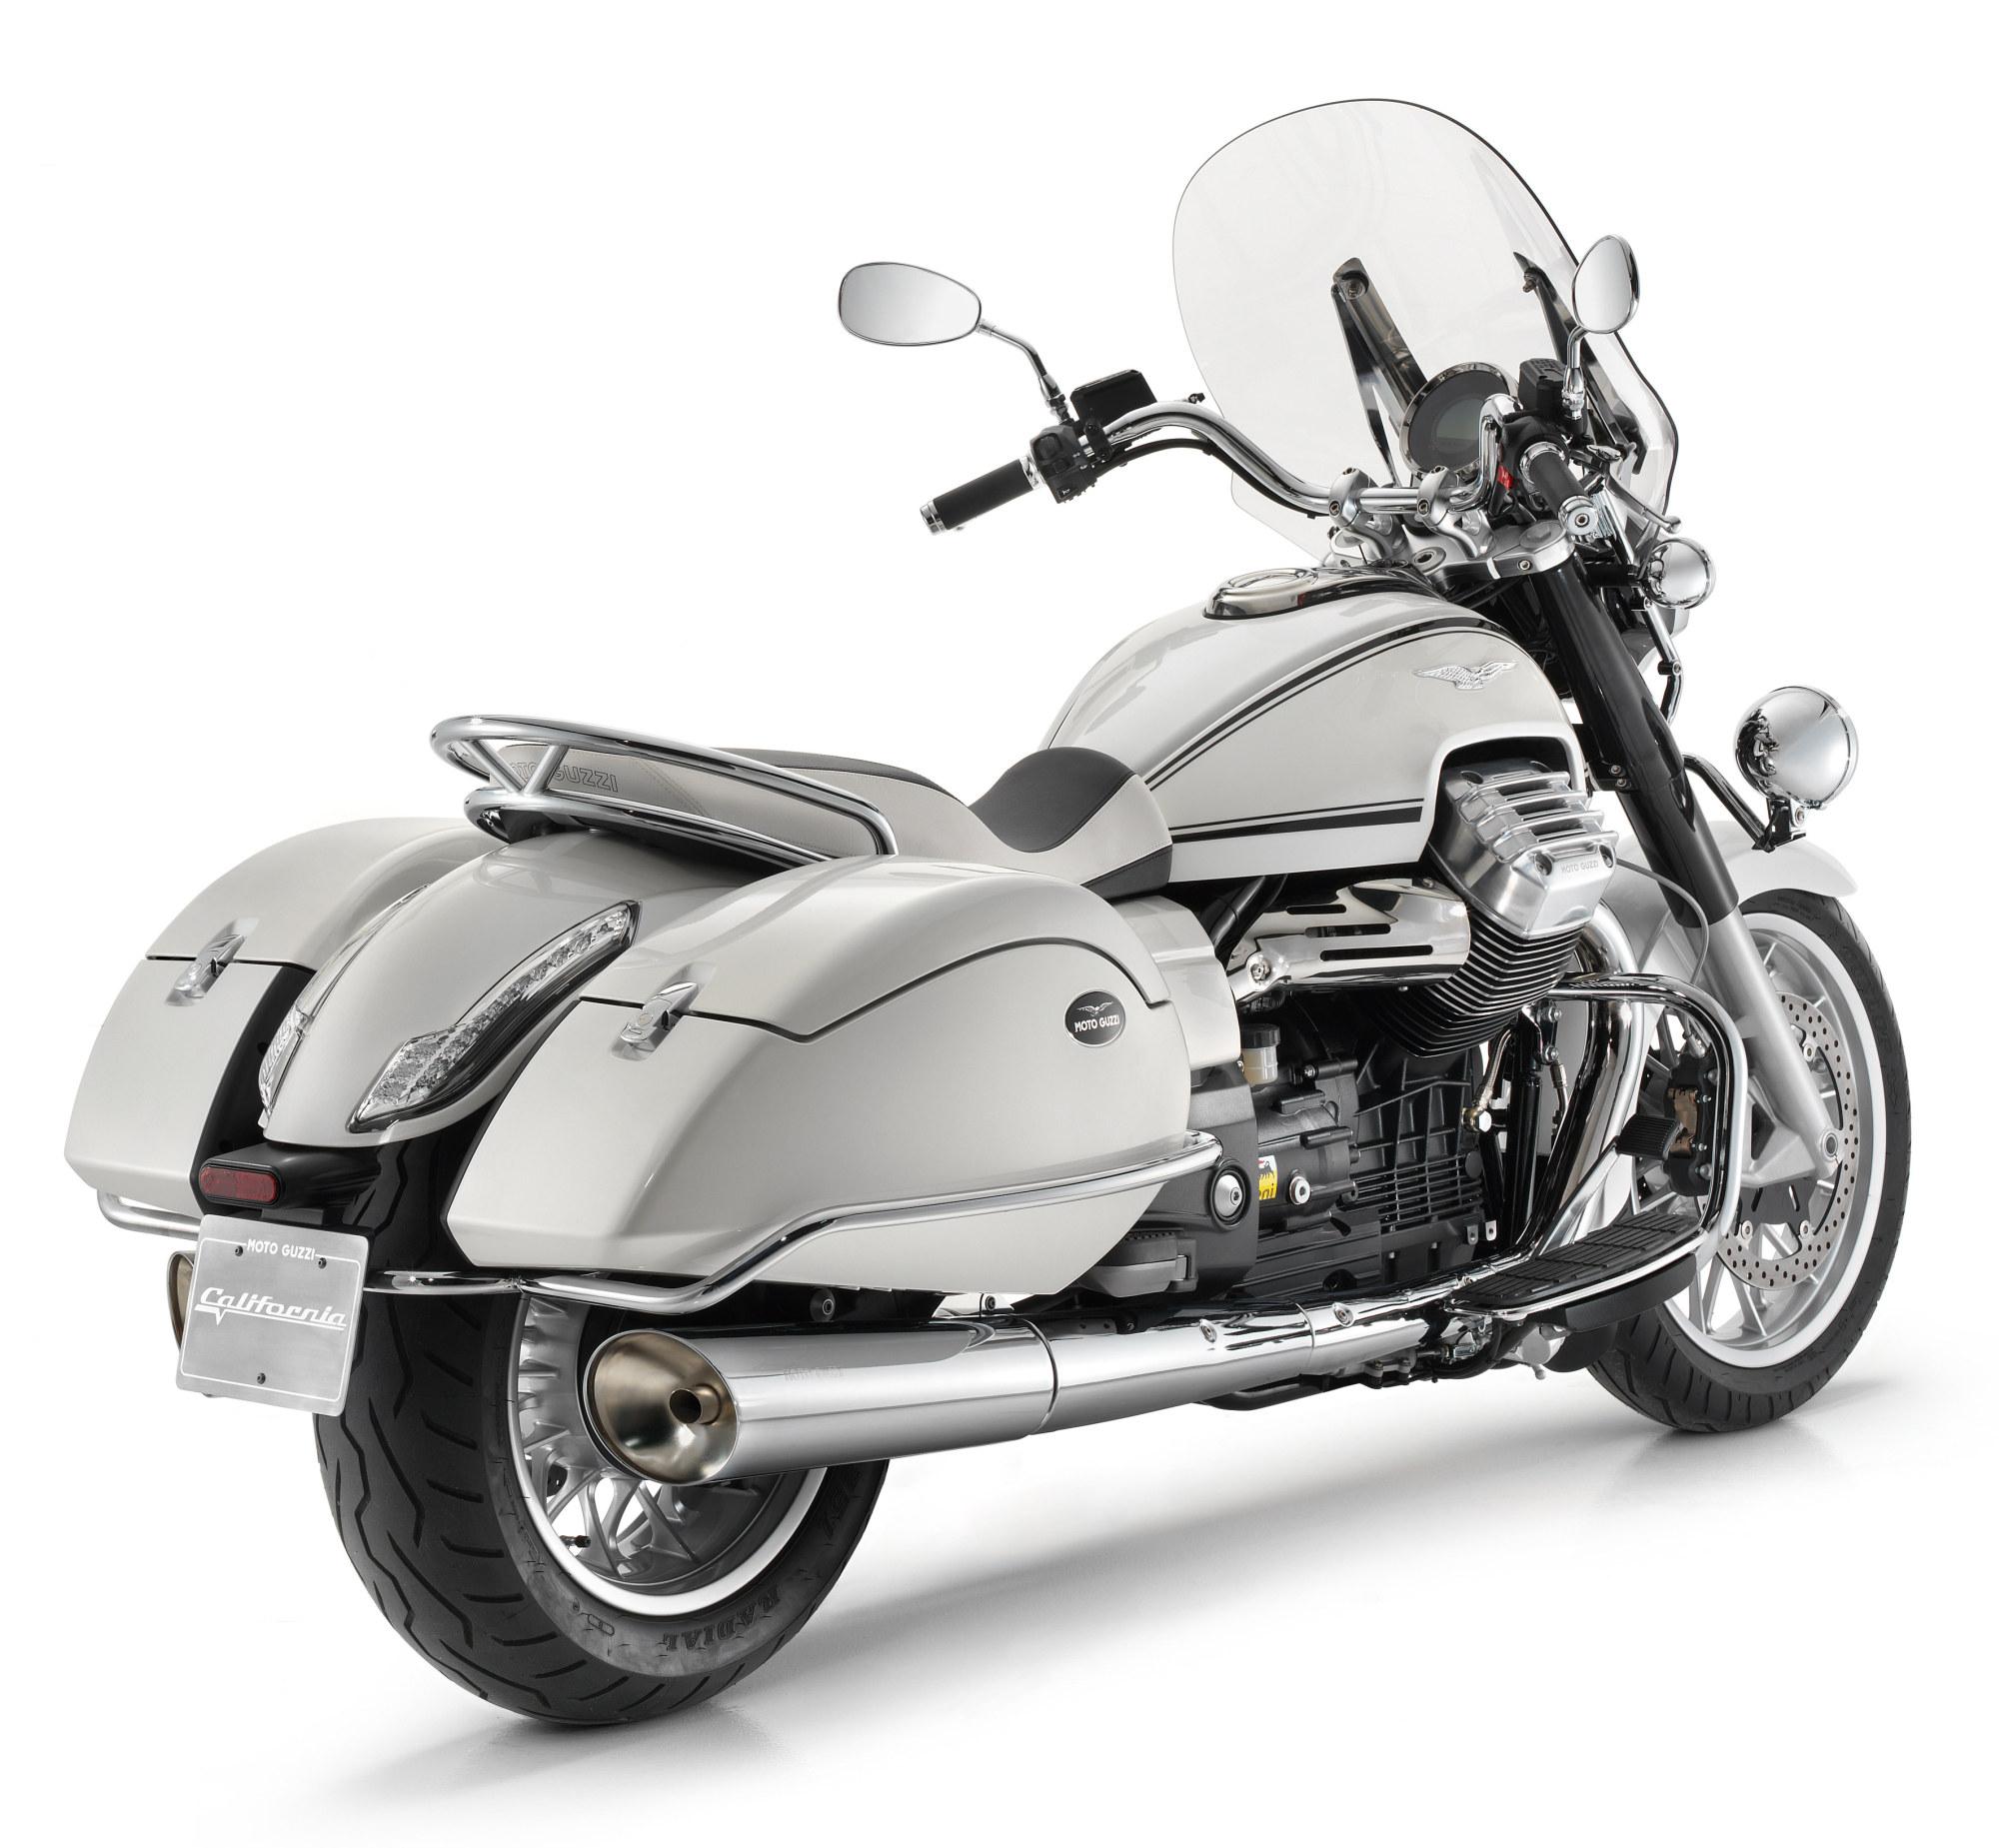 gebrauchte und neue moto guzzi california 1400 touring motorr der kaufen. Black Bedroom Furniture Sets. Home Design Ideas